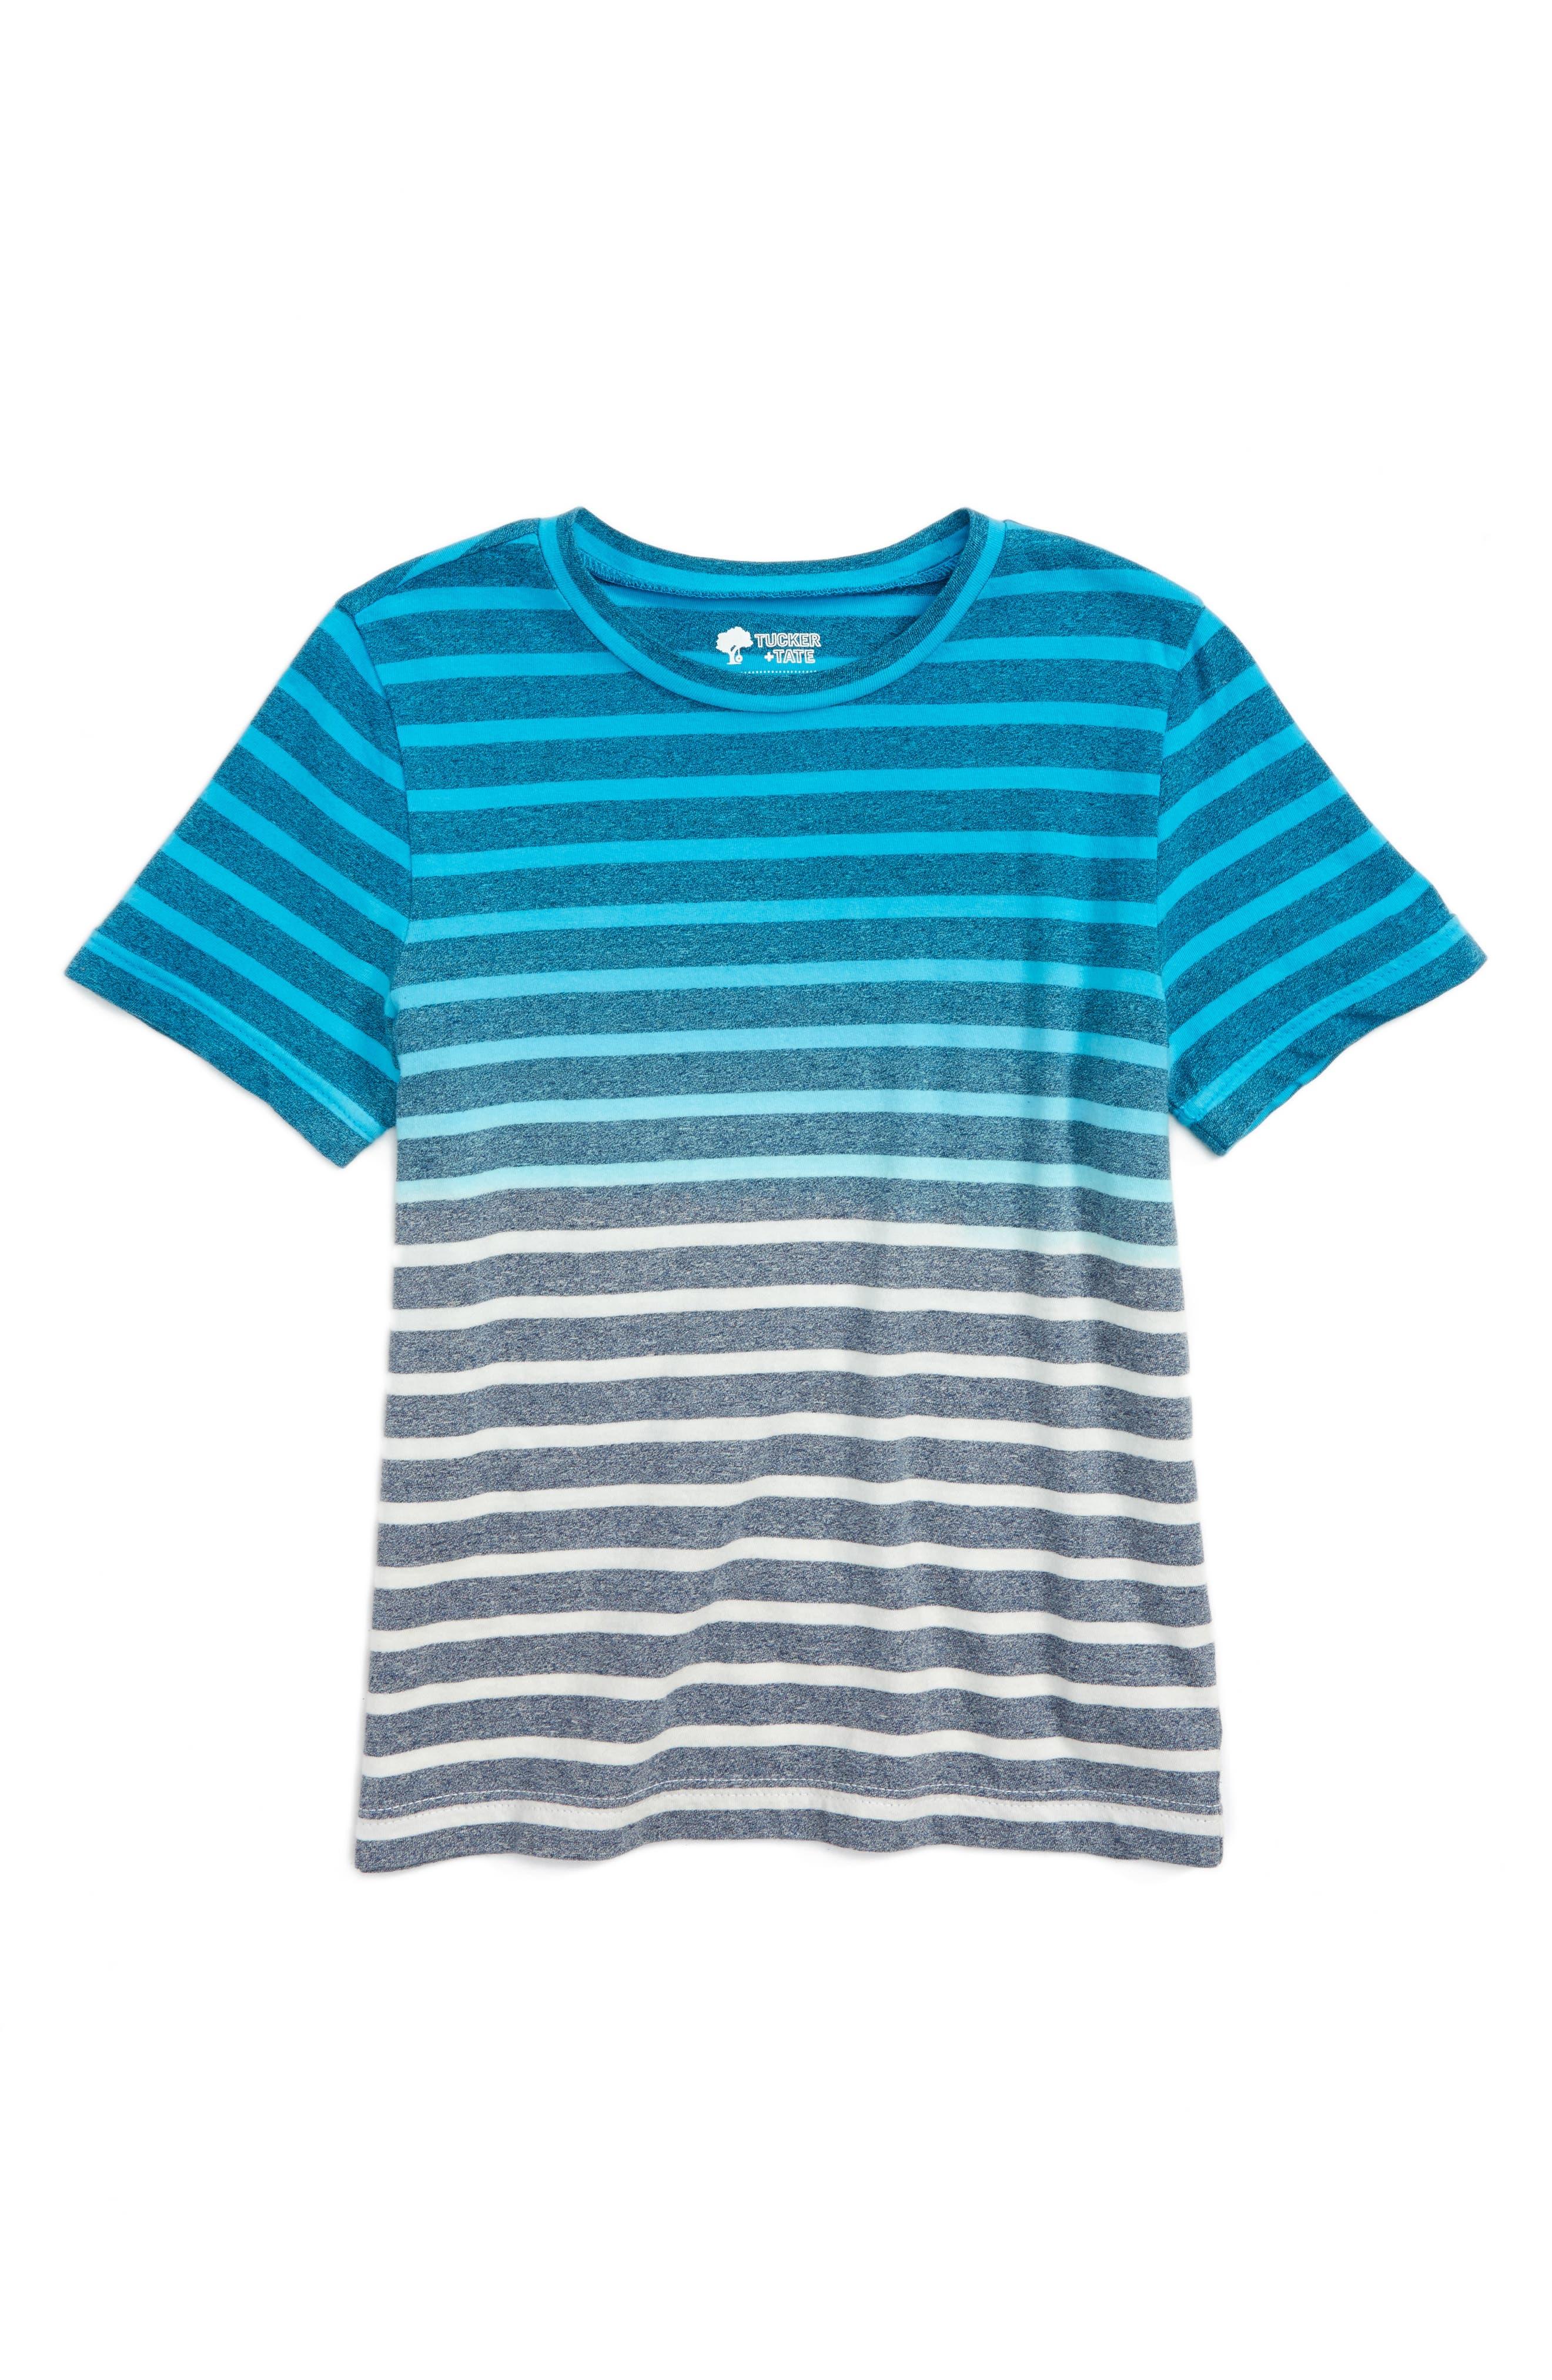 Tucker + Tate Dip Dye T-Shirt (Toddler Boys & Little Boys)